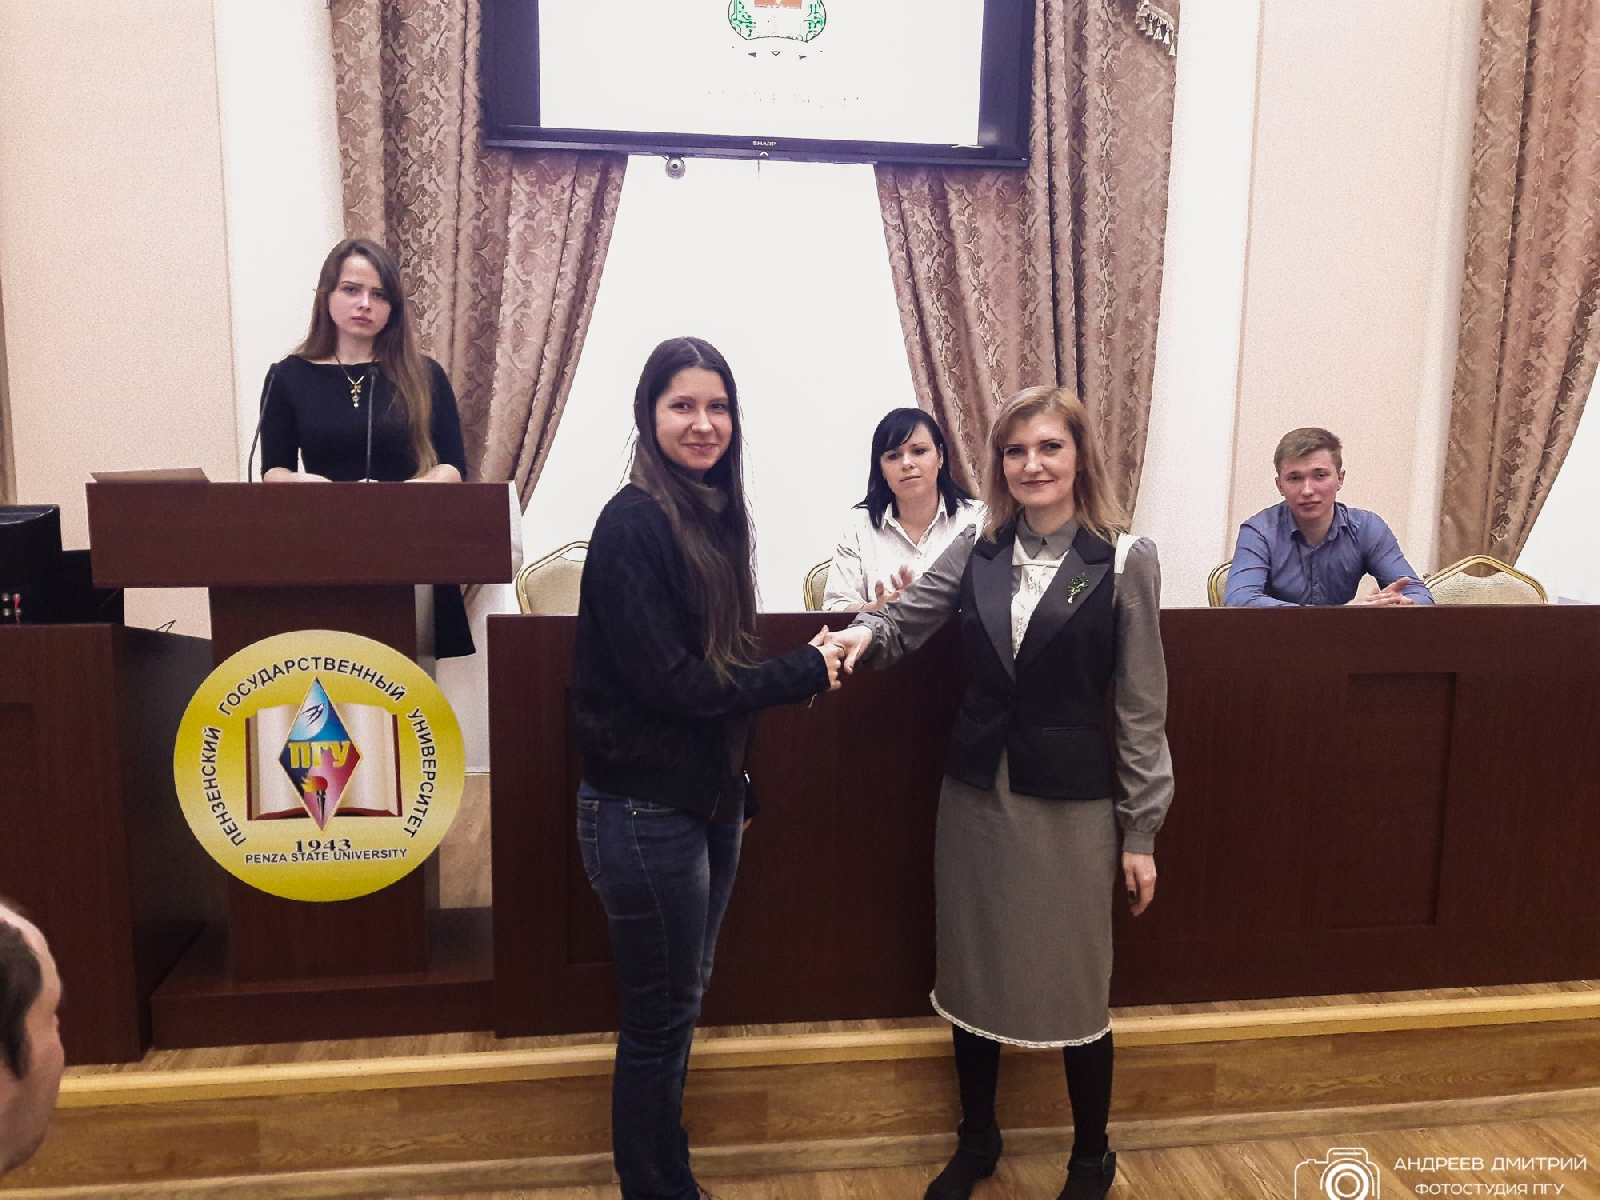 Состоялось заседание студенческого научного общества ФПИТЭ